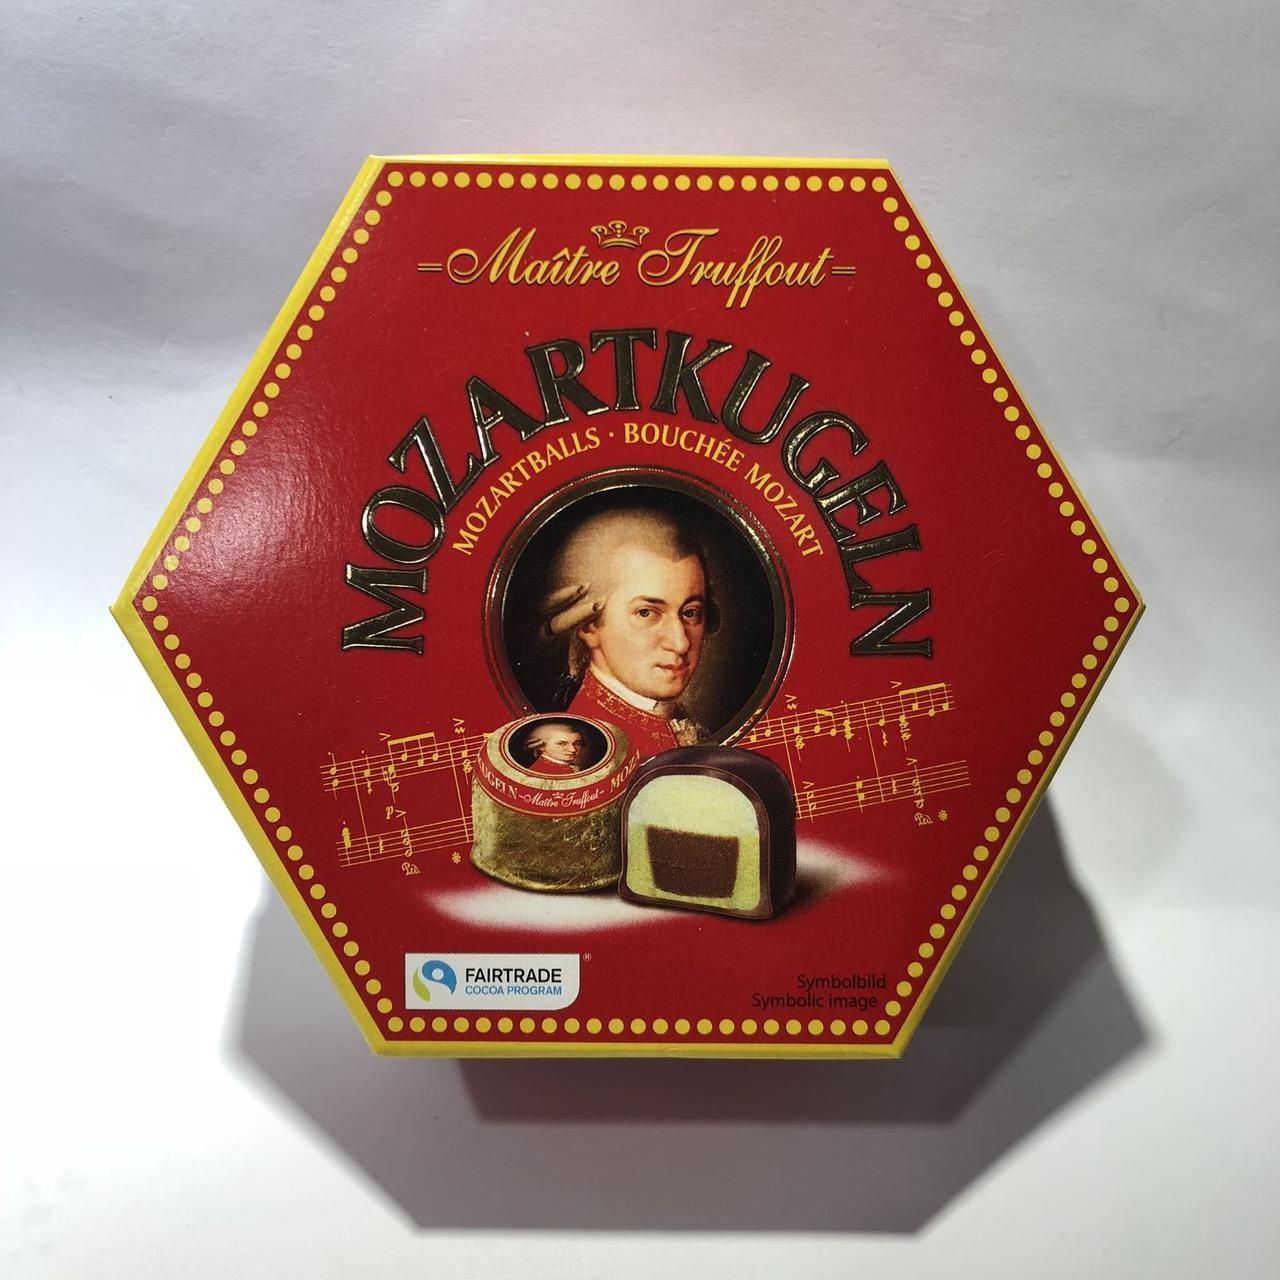 Конфеты шоколадные с марципаном «Mozartkugeln», «Maitre Truffout»,  300 г.